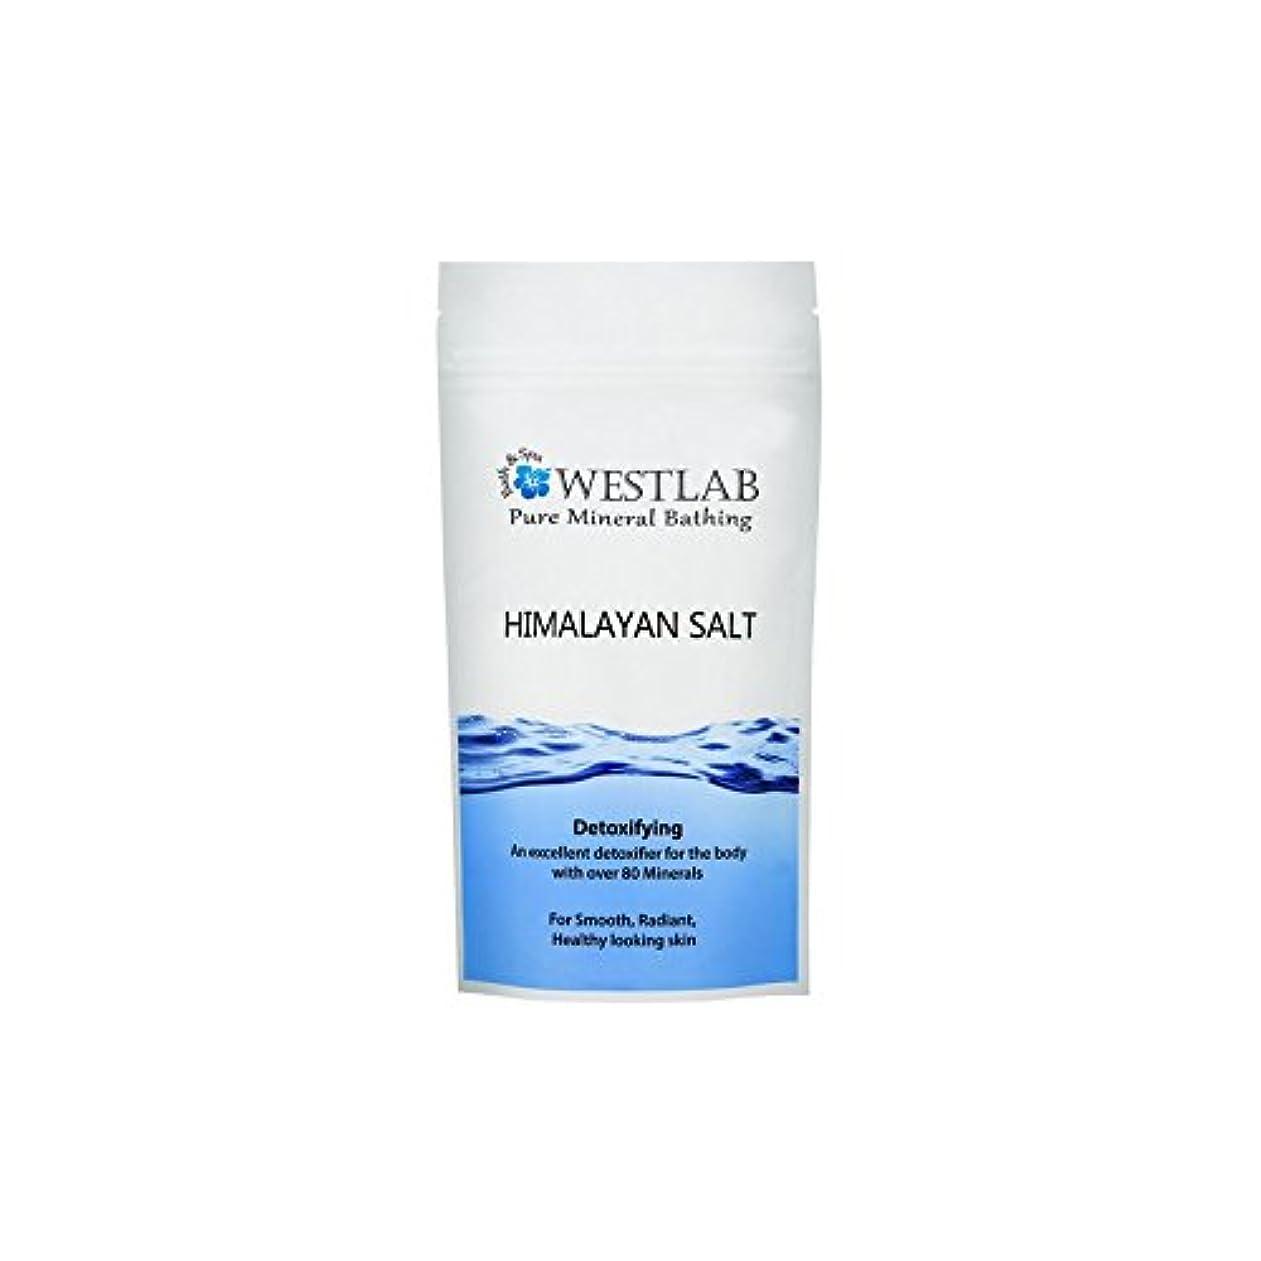 乗って離婚バンヒマラヤの塩500グラム x4 - Westlab Himalayan Salt 500g (Pack of 4) [並行輸入品]